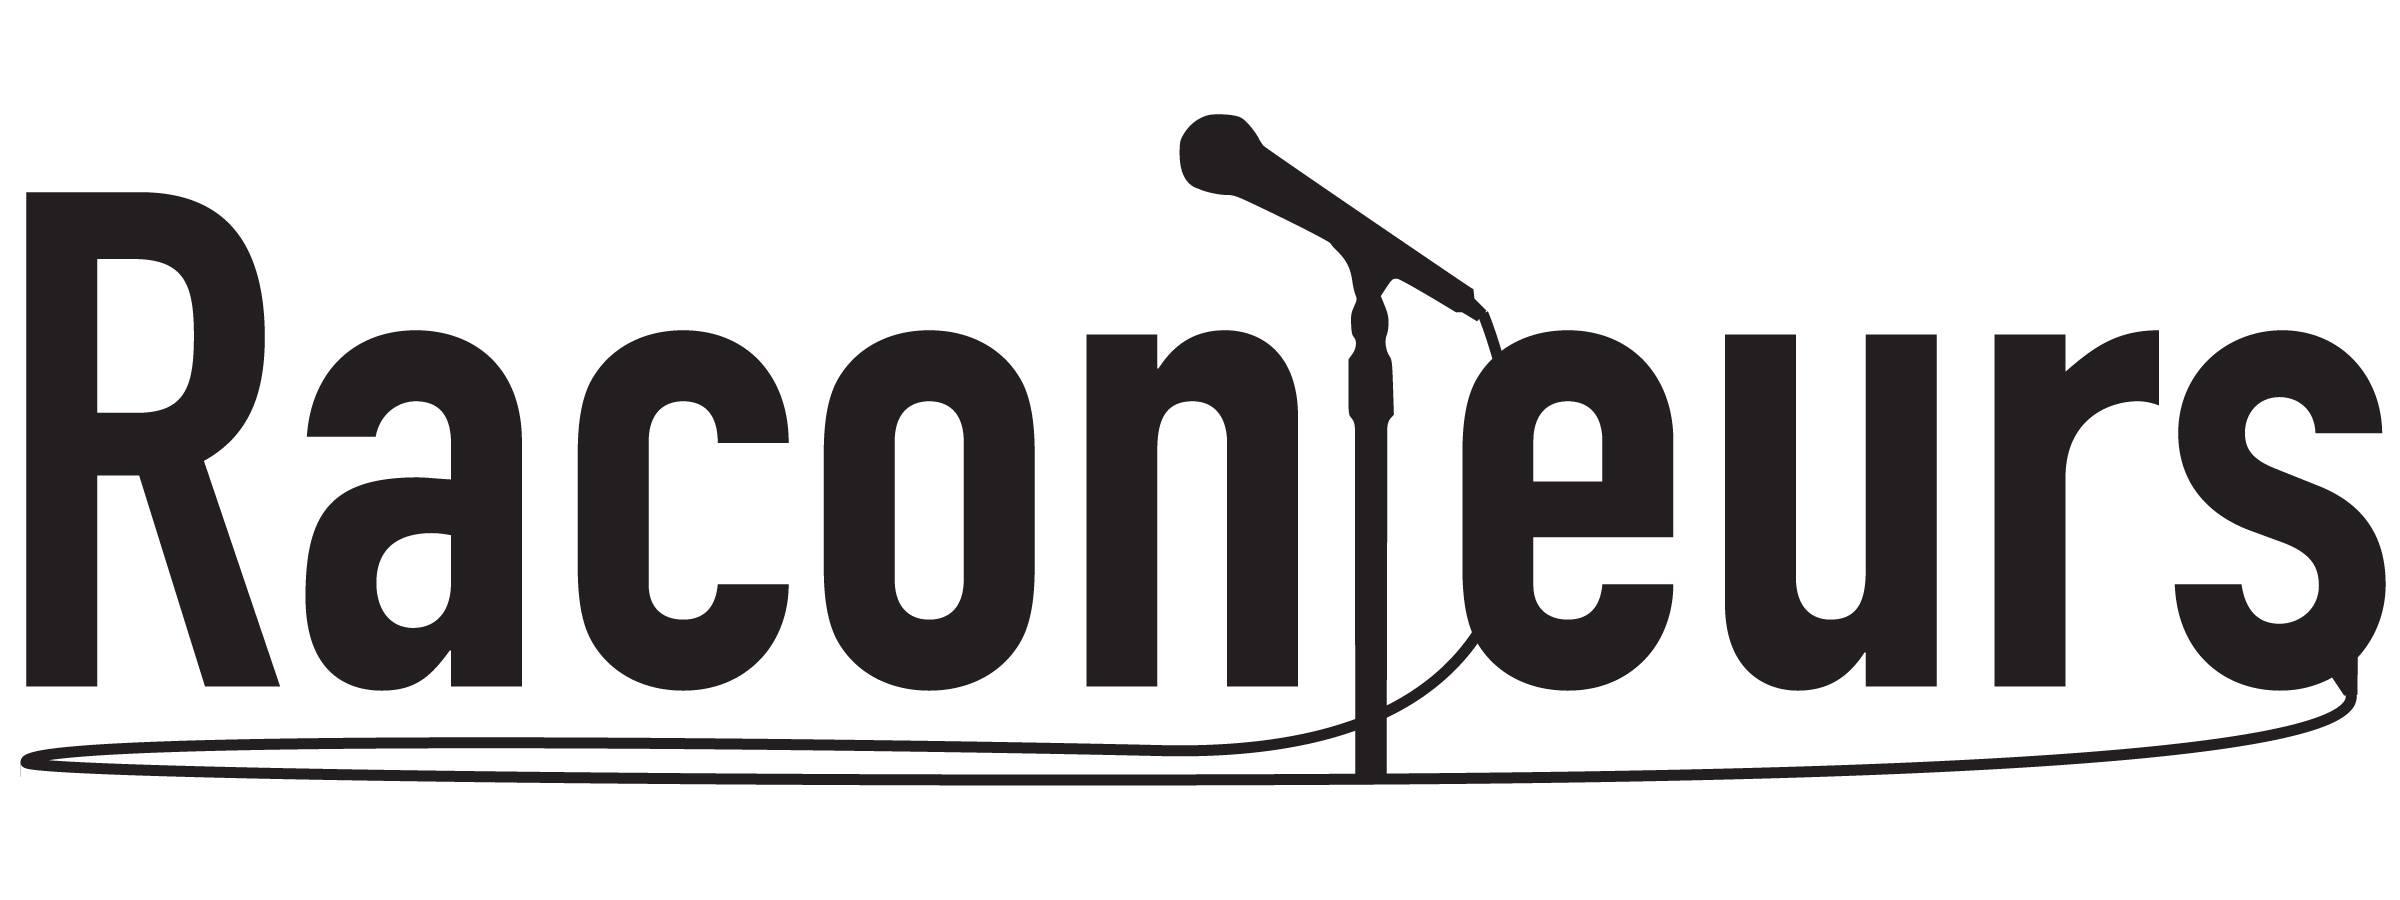 Raconteurs banner